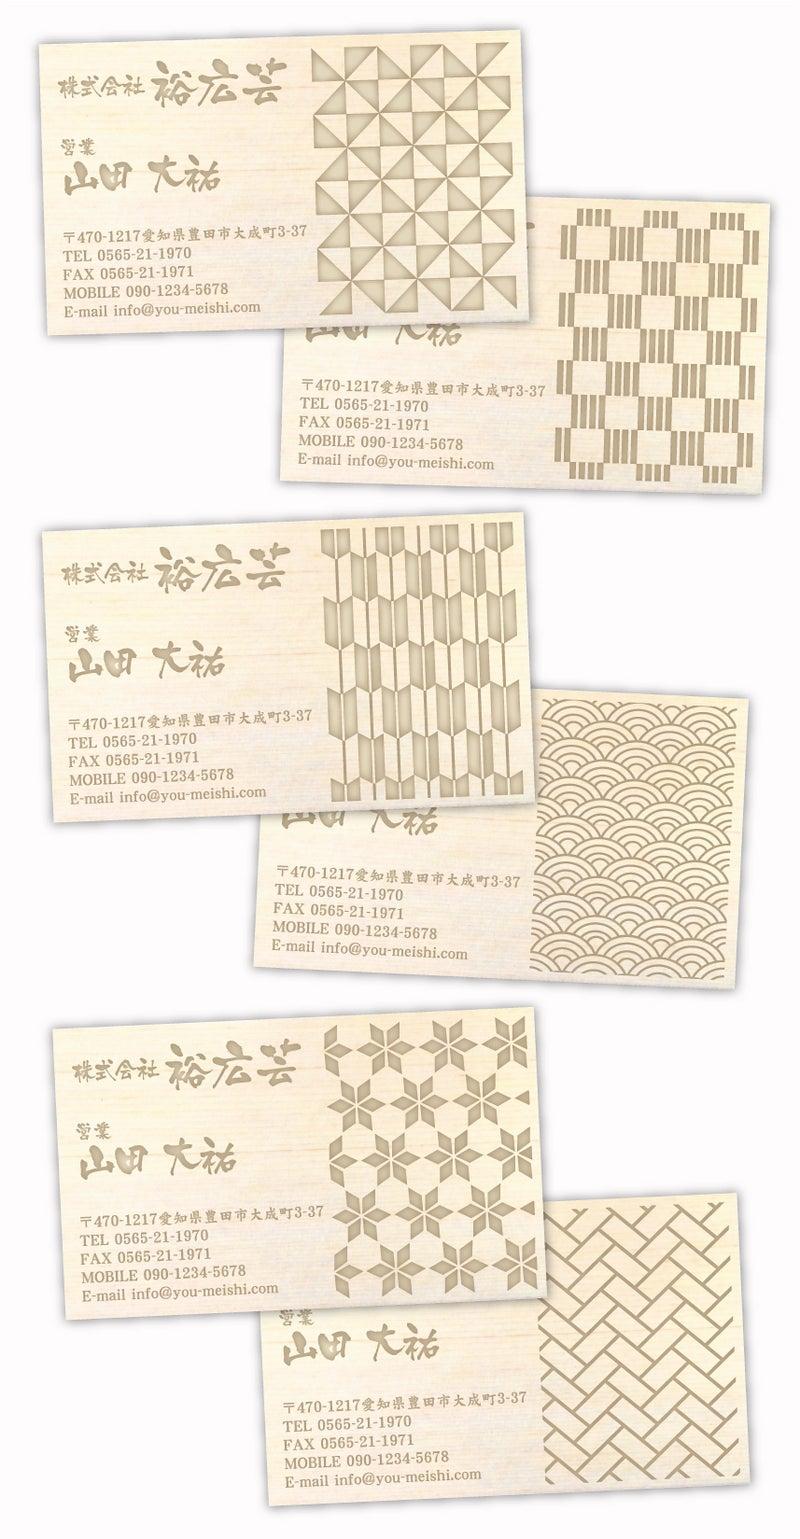 木の名刺 ウッドデザイン 檜 おしゃれな名刺 和風デザイン 和柄デザイン 和風名刺